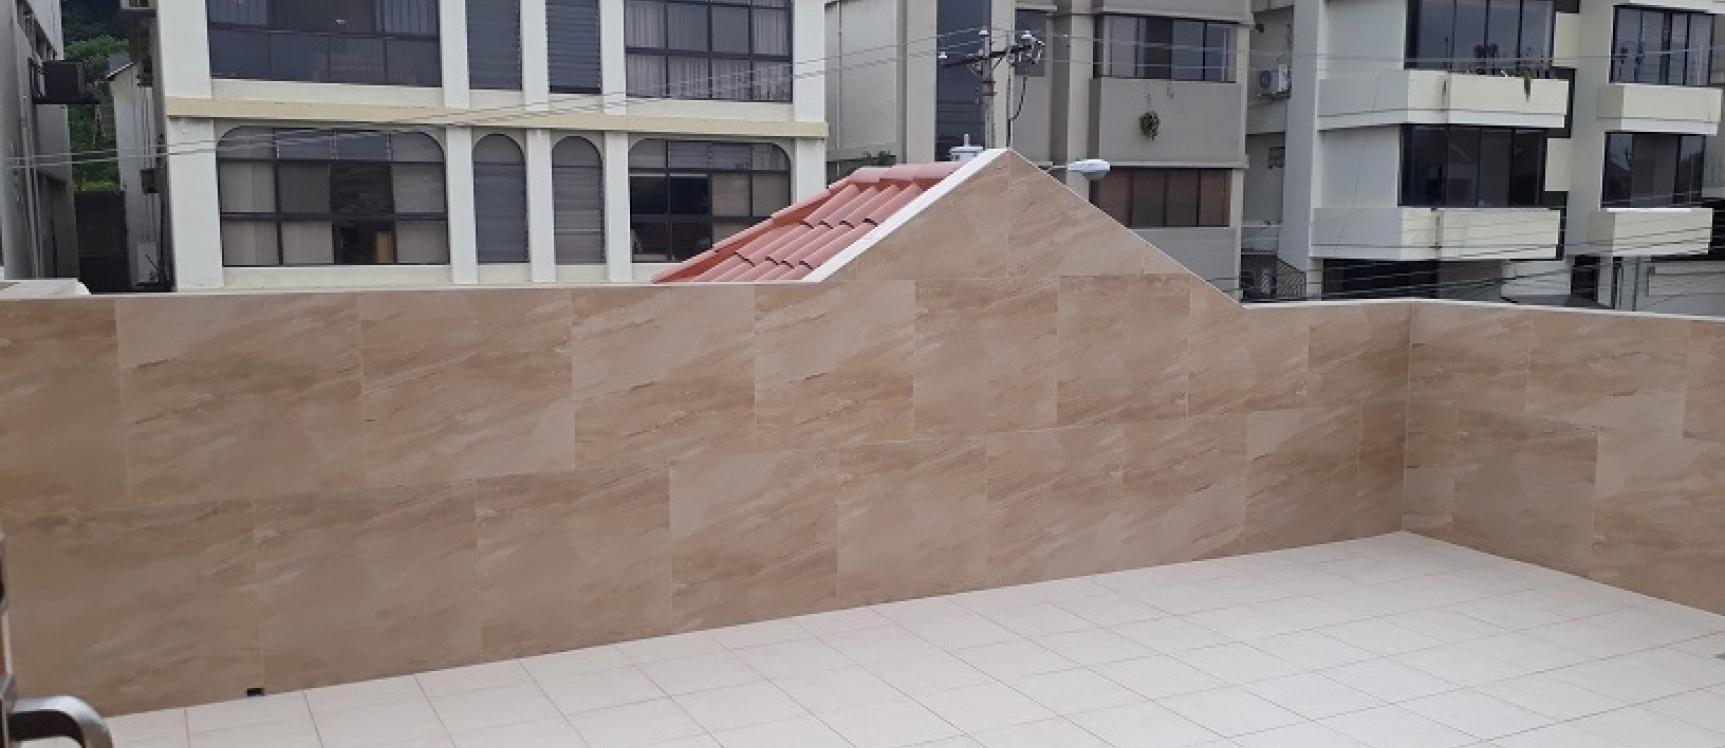 GeoBienes - Departamento en alquiler El Portón Lomas de Urdesa Guayaquil - Plusvalia Guayaquil Casas de venta y alquiler Inmobiliaria Ecuador